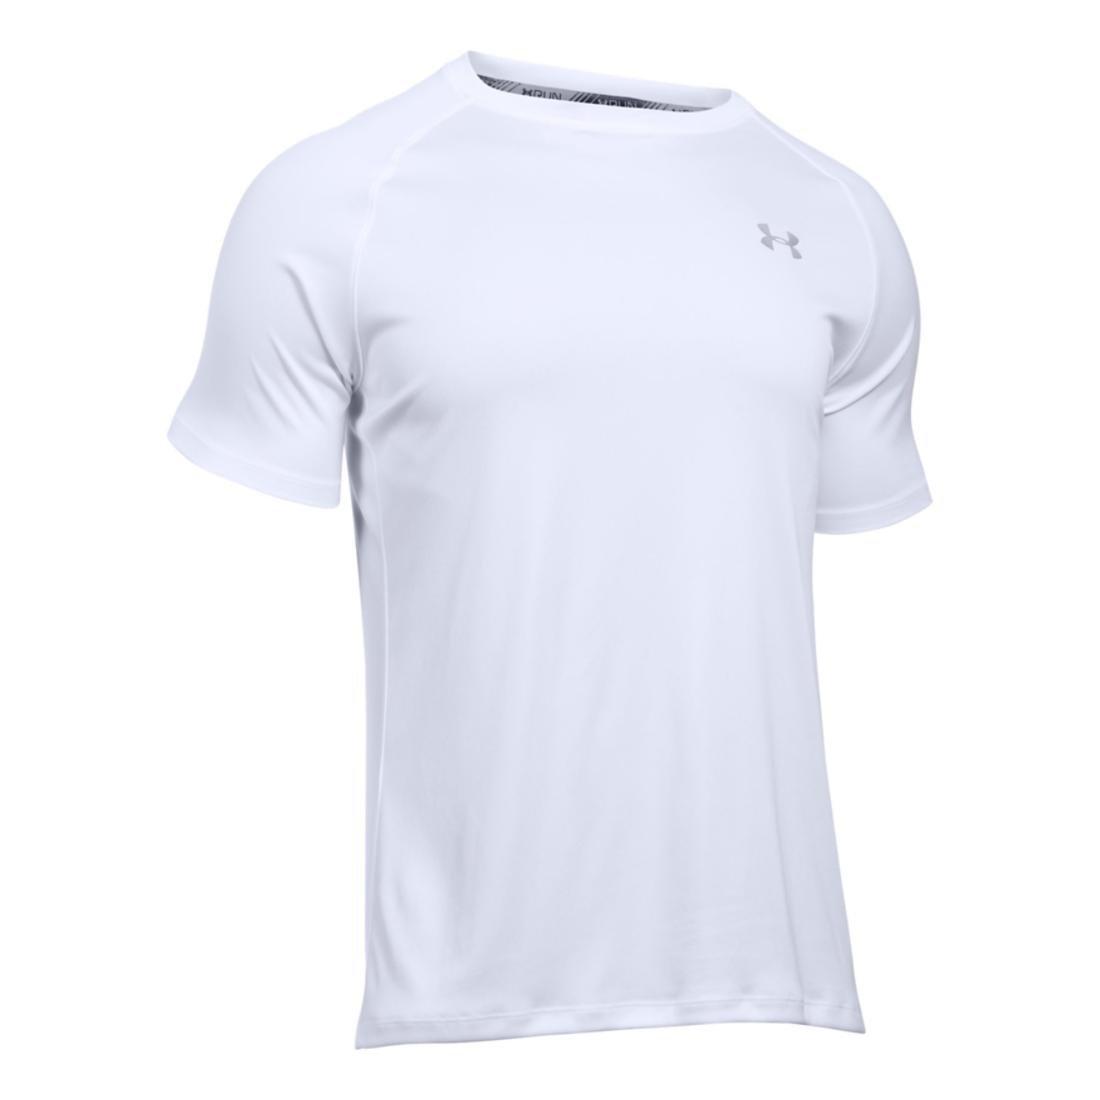 【半額】 [アンダーアーマー] スピードストライドショートスリーブTシャツ(ランニング/Tシャツ) メンズ 1289681 メンズ B01FLFJAU4 X-Small White/Reflective X-Small White/Reflective X-Small White/Reflective, こにゃんこBRAND KID'S:0f8e1128 --- vilazh.indexis.ru